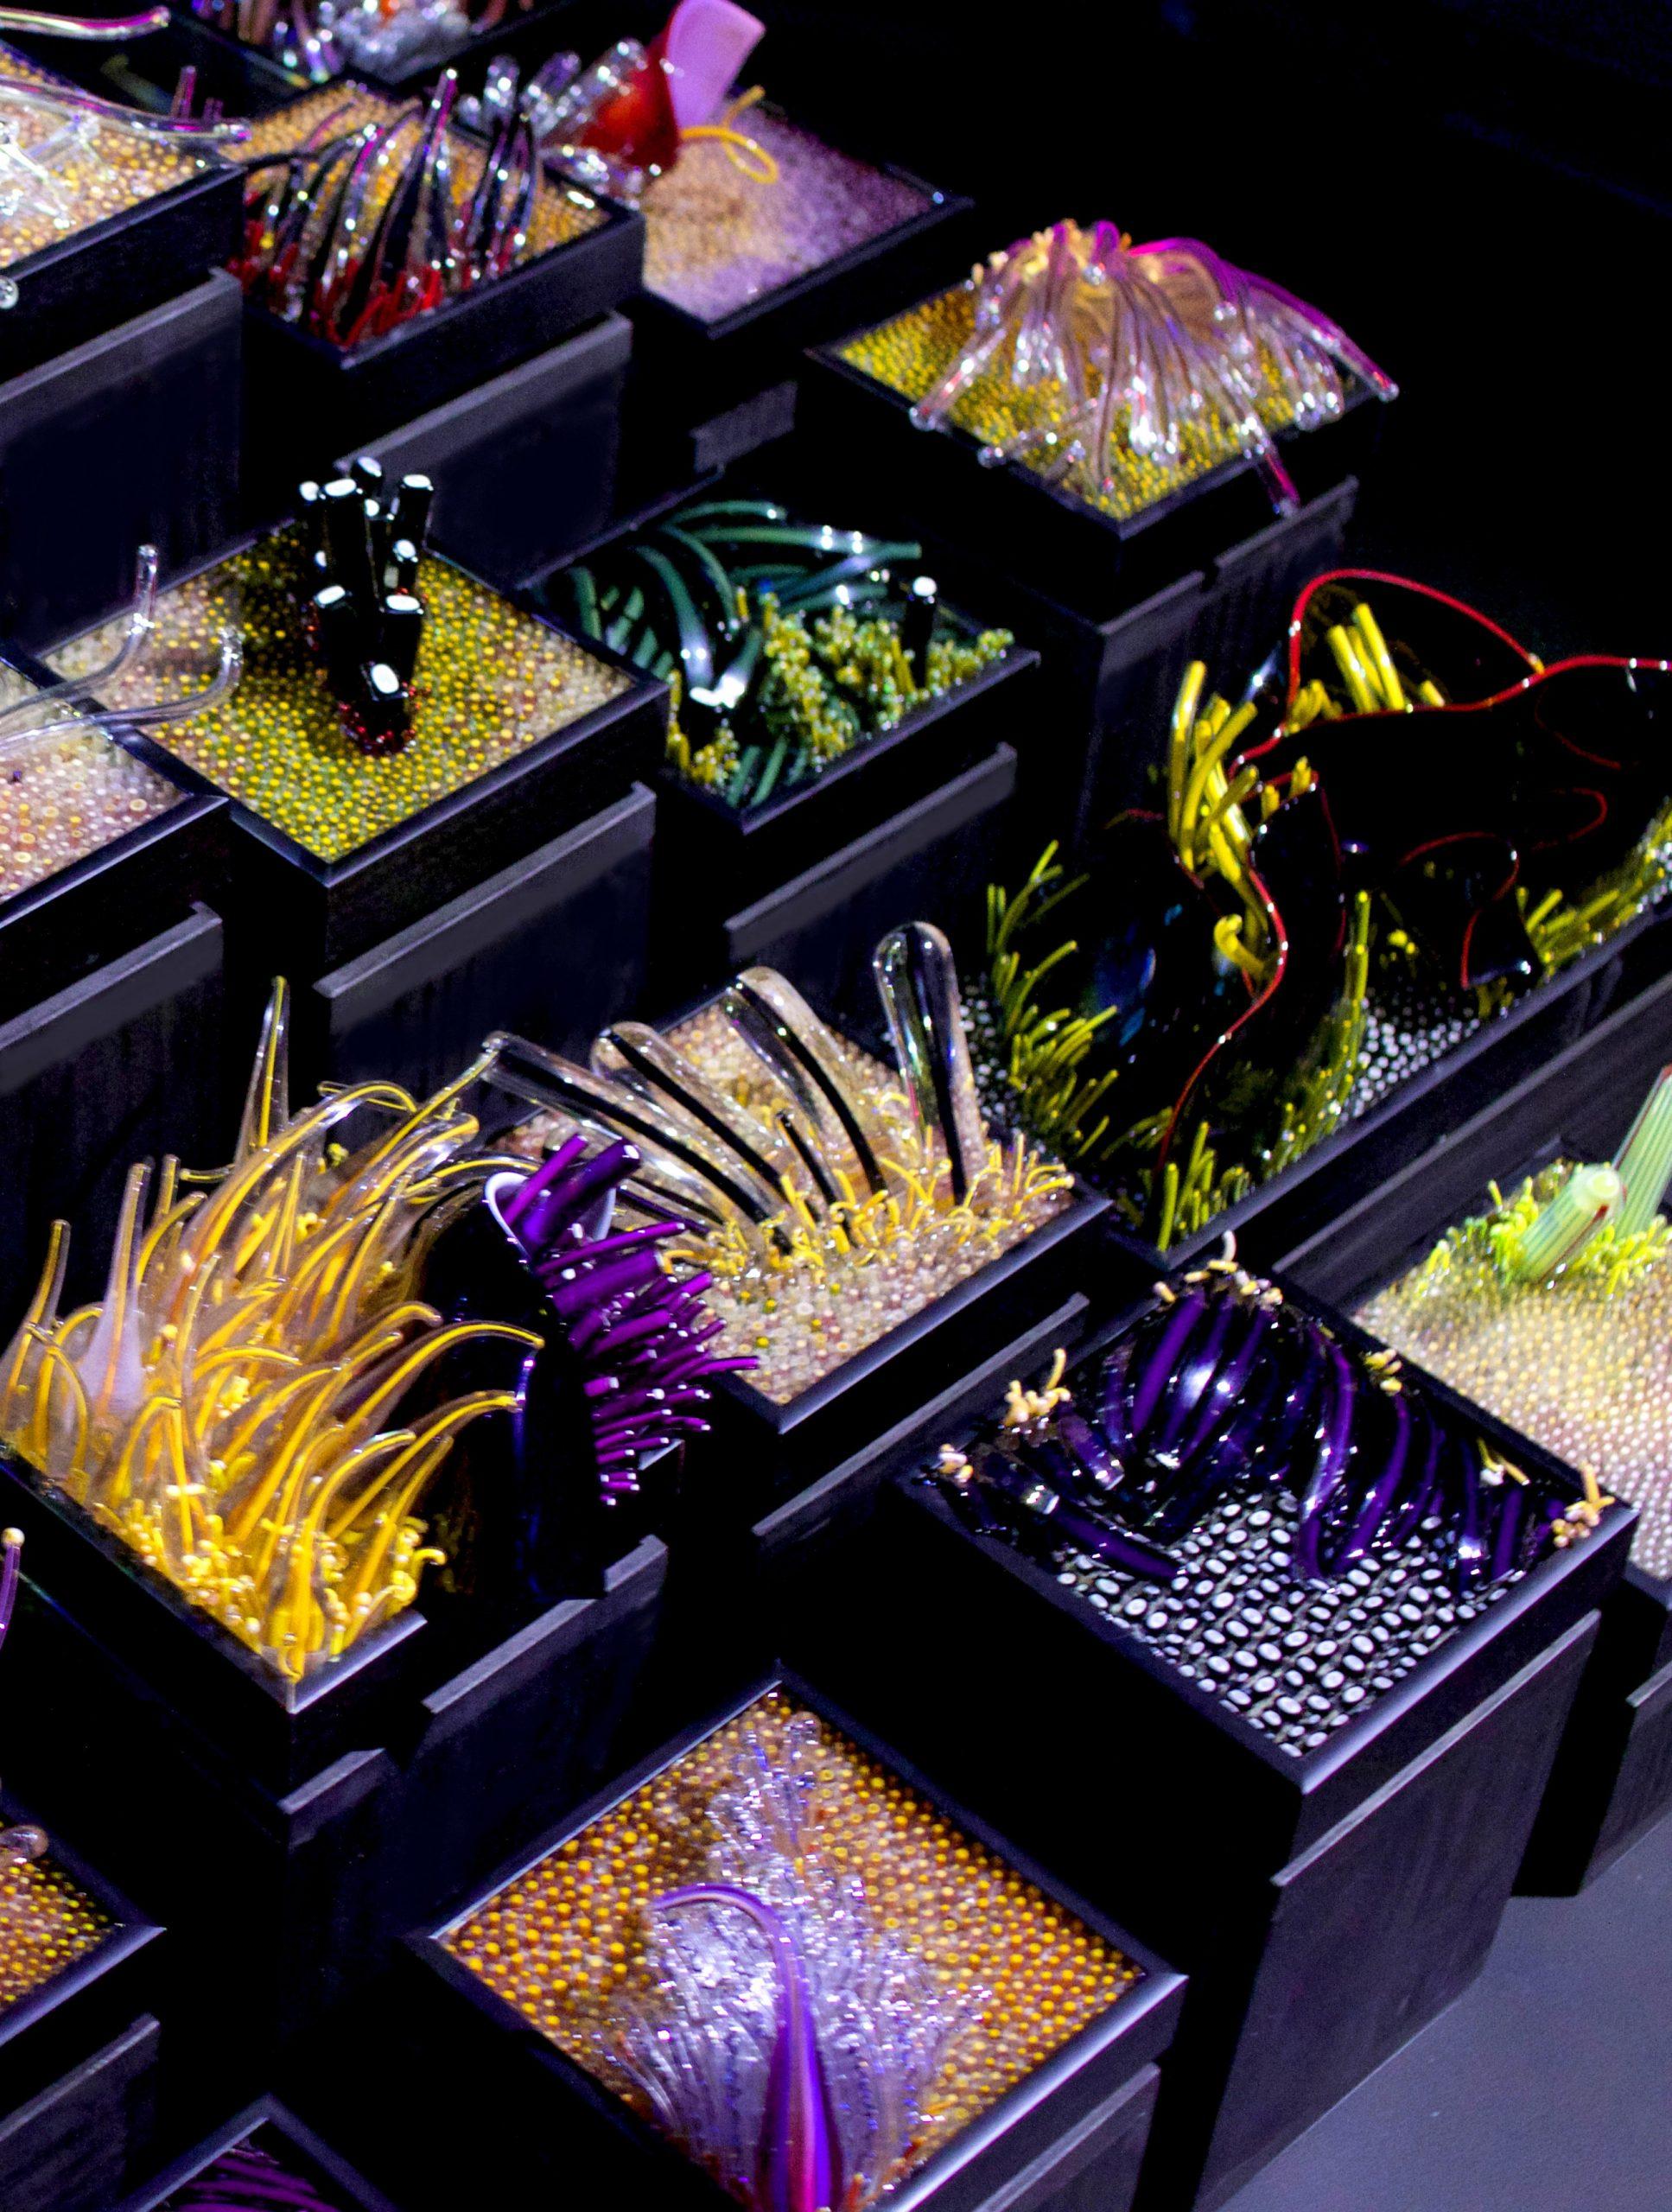 The Deep Aquarium Installation